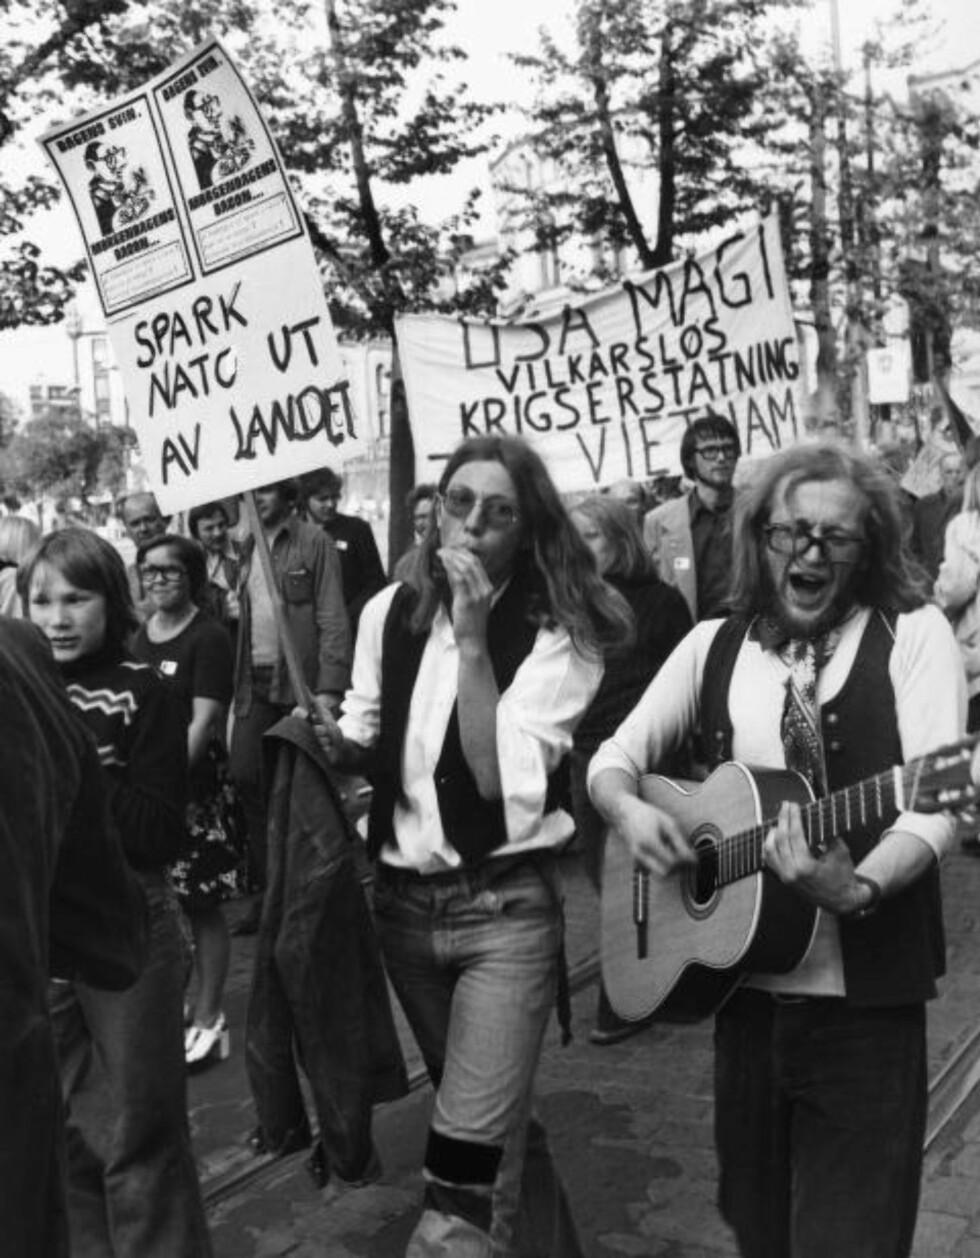 MORGENDAGENS BACON: «Dagens svin. Morgendagens bacon...», sto det på plakatene 19. mai 1976. Svinet var USAs utenriksminister Henry Kissinger, og demonstrantene sang og ropte før de til folks jubel brente en dukke som forestilte Kissinger foran Stortinget. Foto: NTB SCANPIX